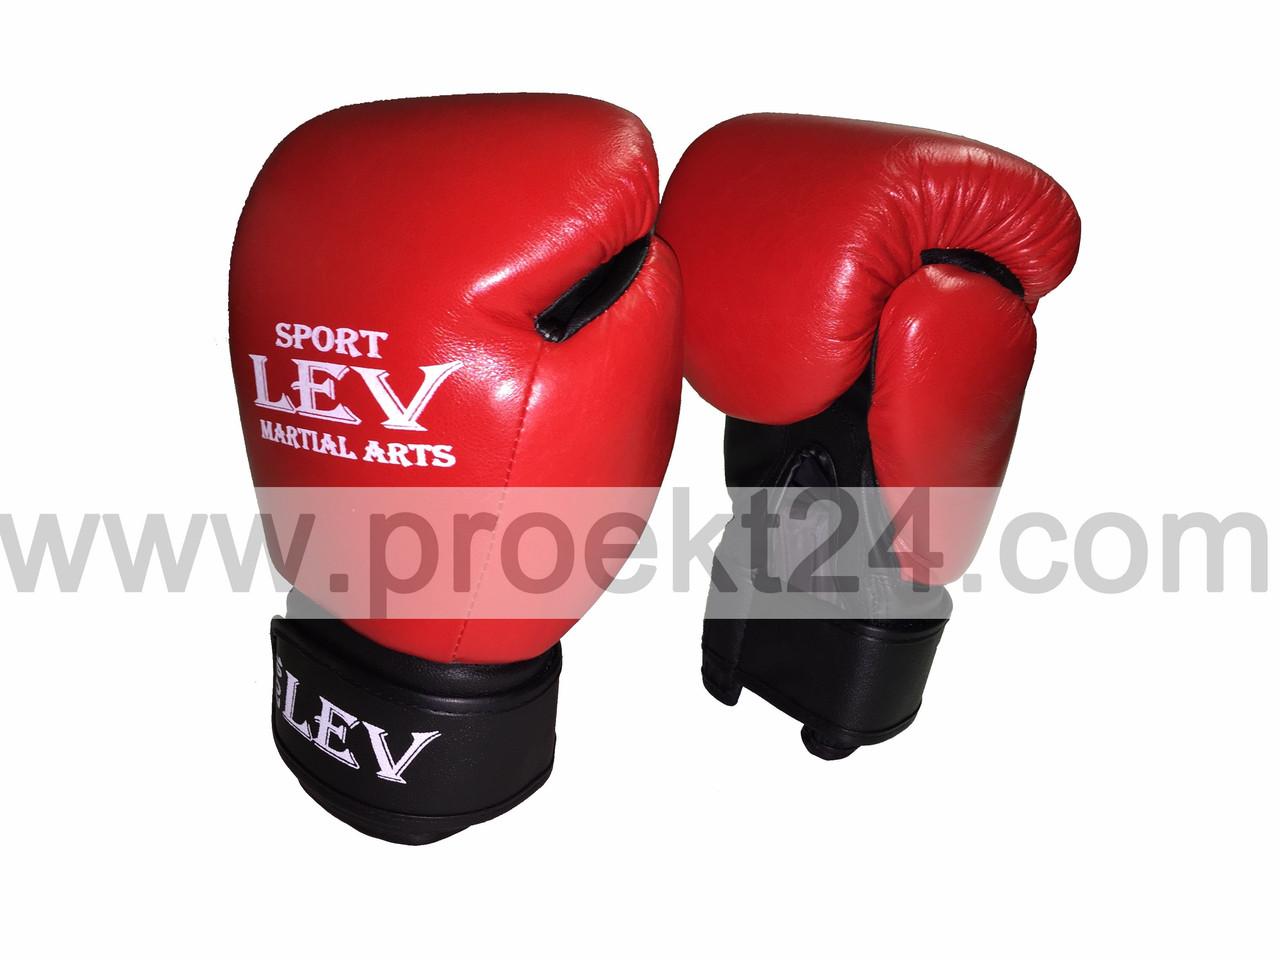 Боксерские перчатки Комби (Красные) -10 oz - Глобальные энергосберегающие технологии  в Днепре